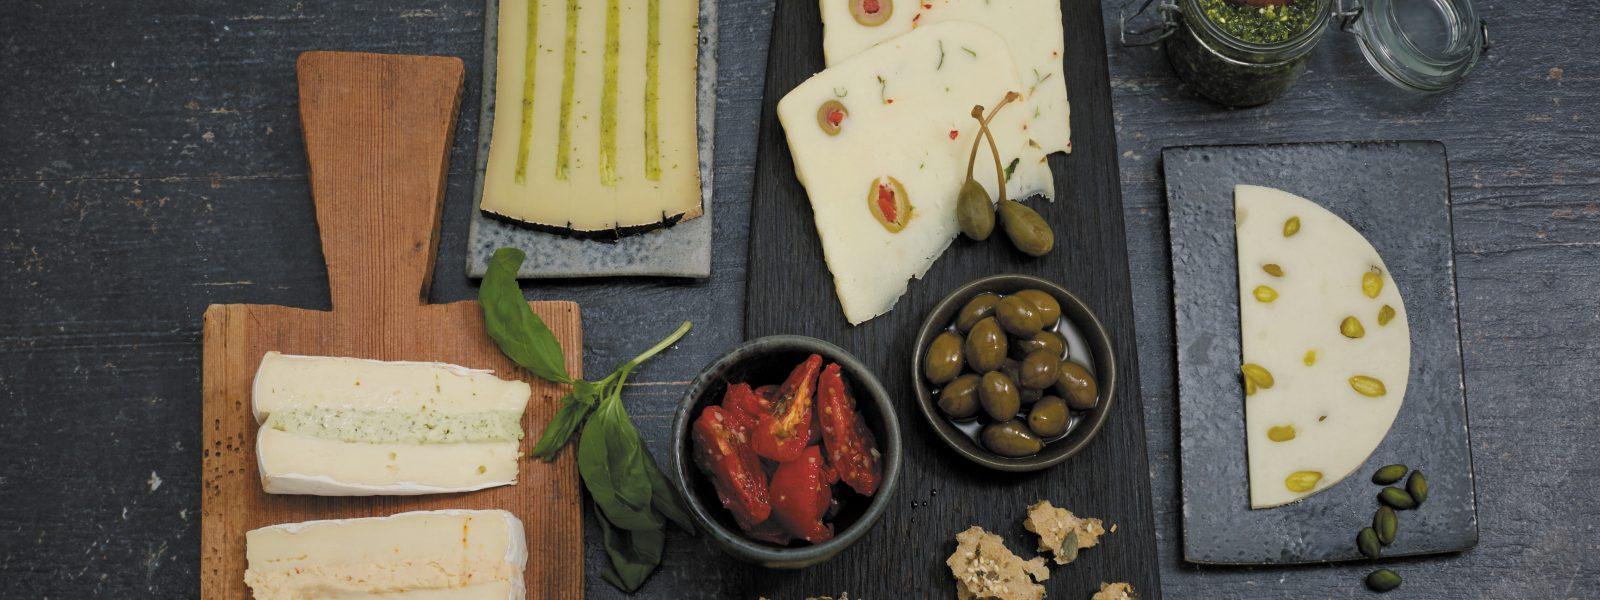 Käsestilbild mit verschiedenen Käsen dekorativ angerichtet